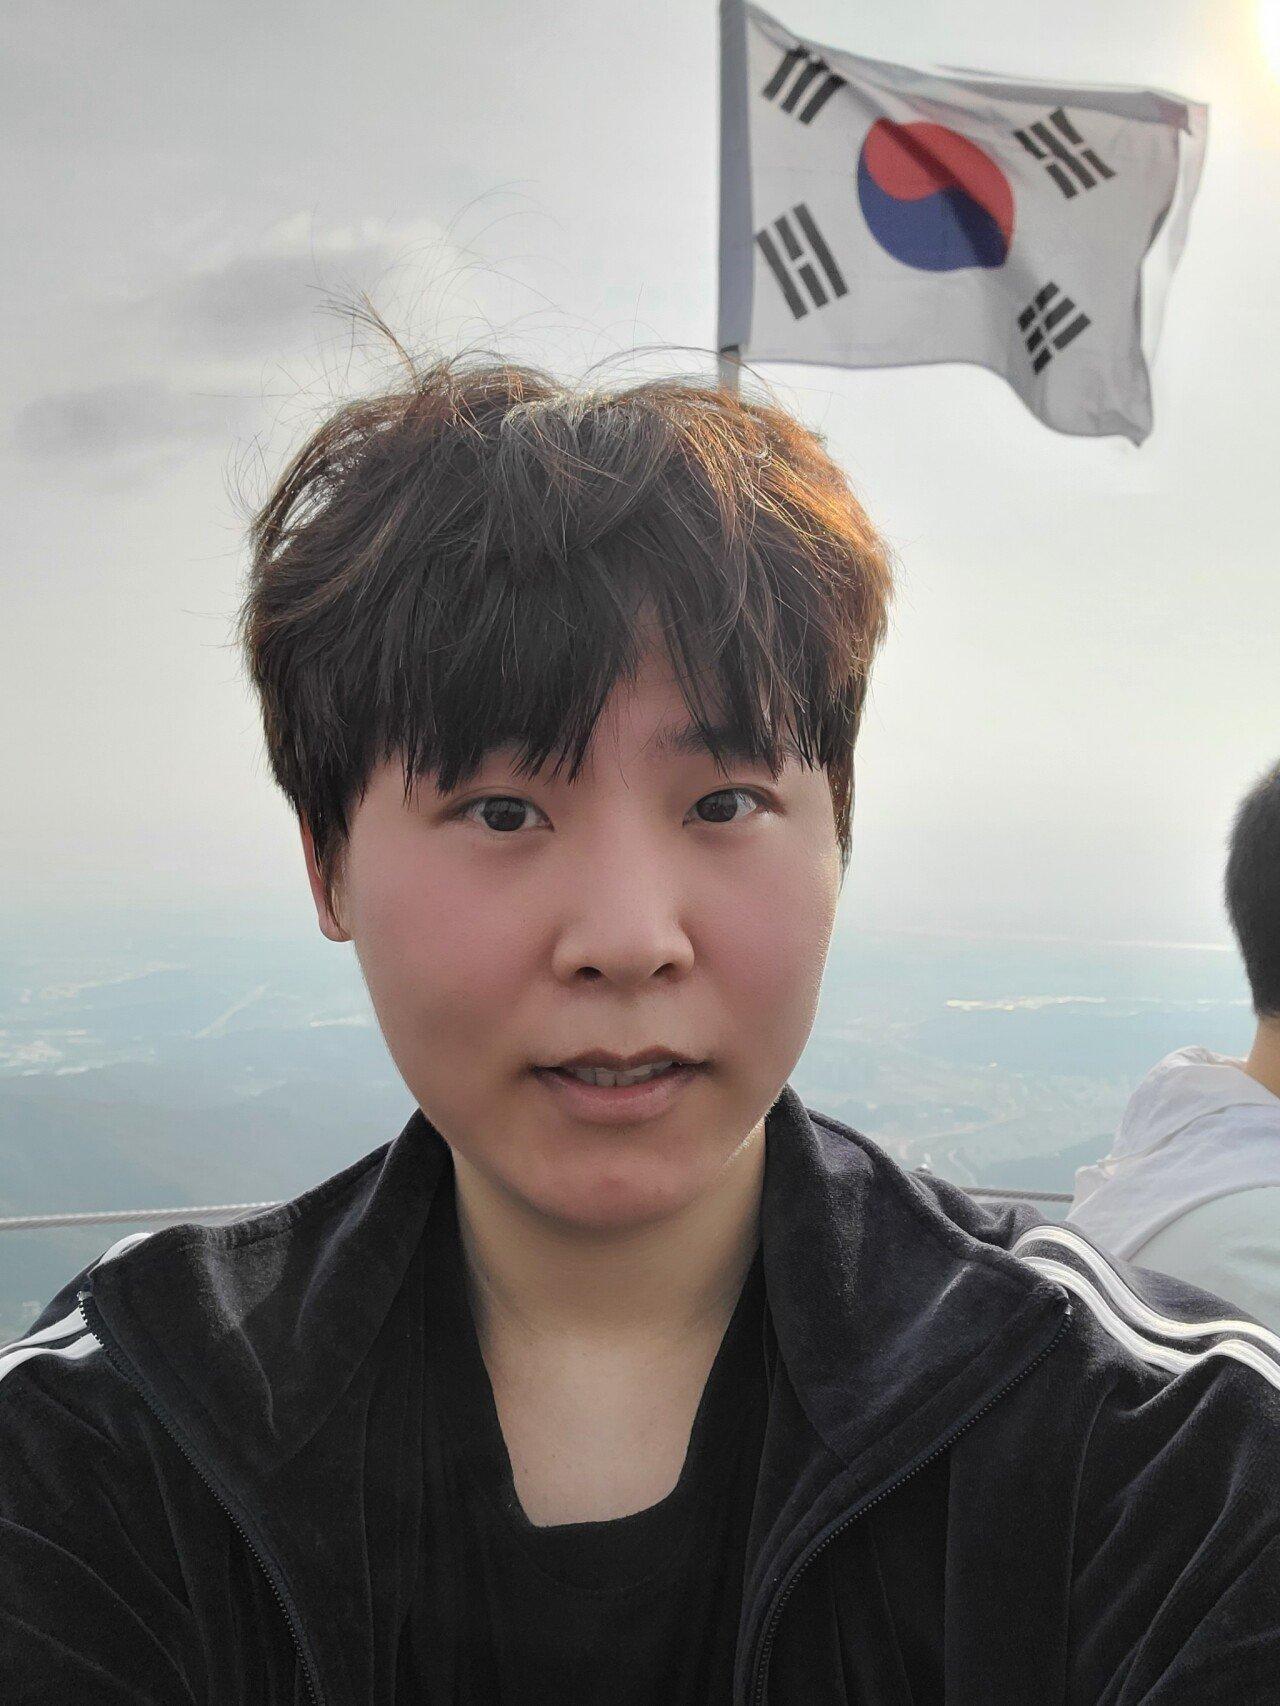 이경민 북한산 정복 사진 ㄷㄷㄷㄷㄷㄷㄷ